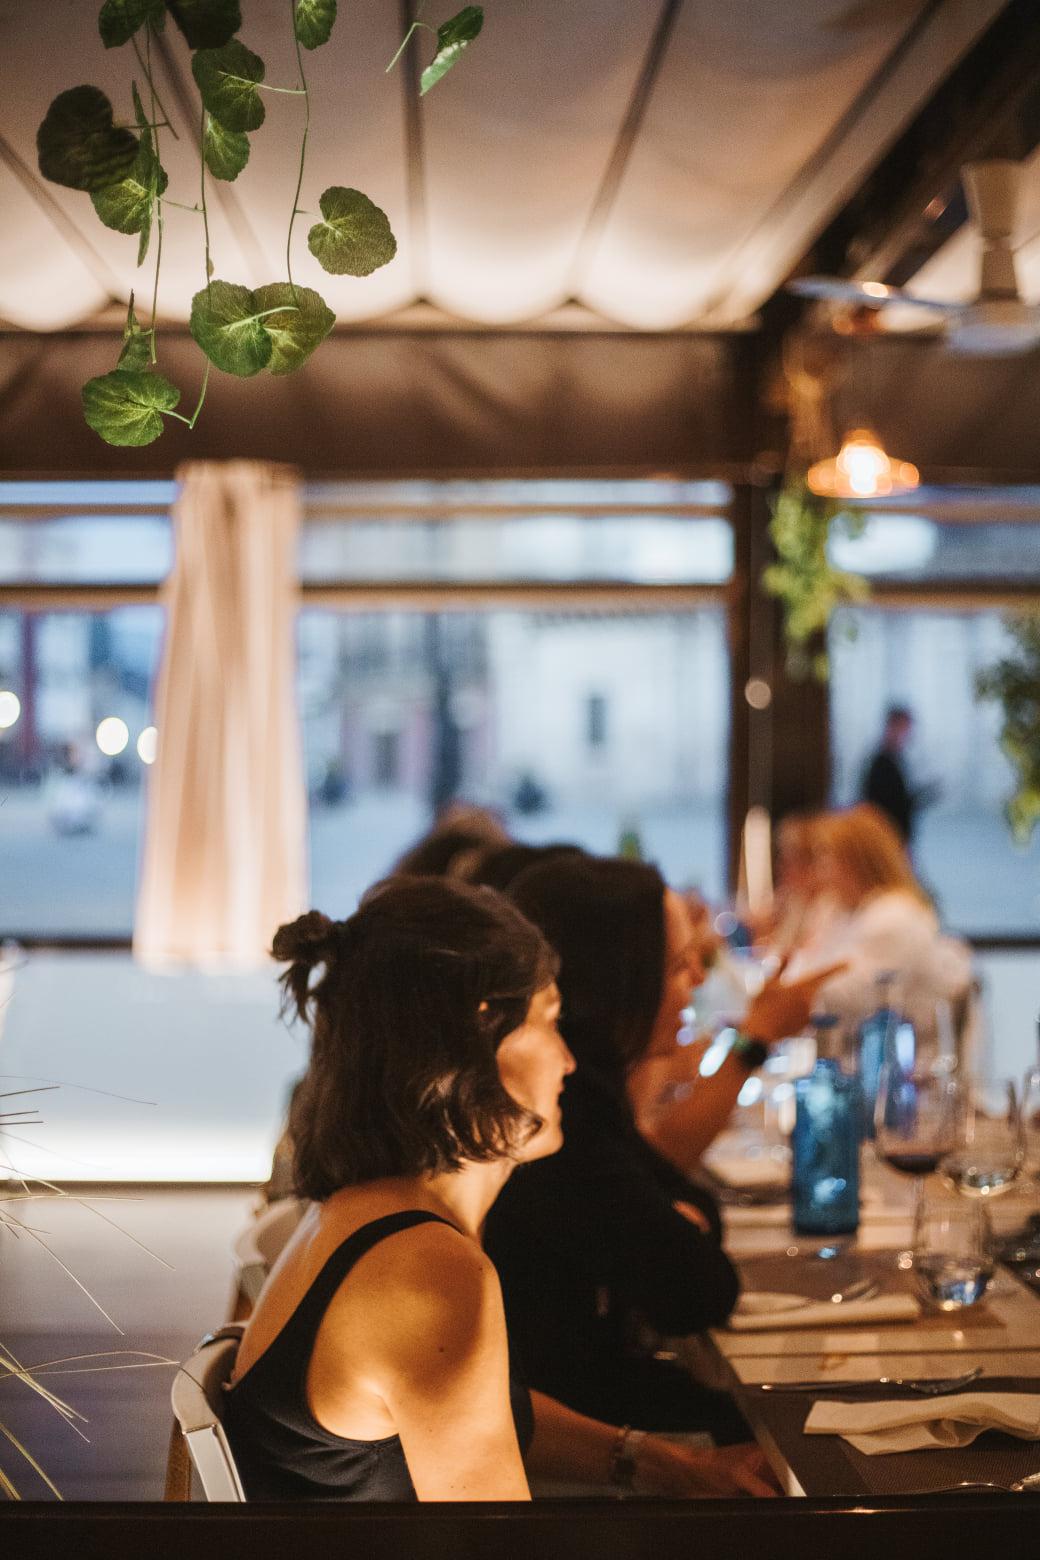 La noche de cocina Nikkei en el restaurante La Violeta, un evento culinario de primer nivel 43